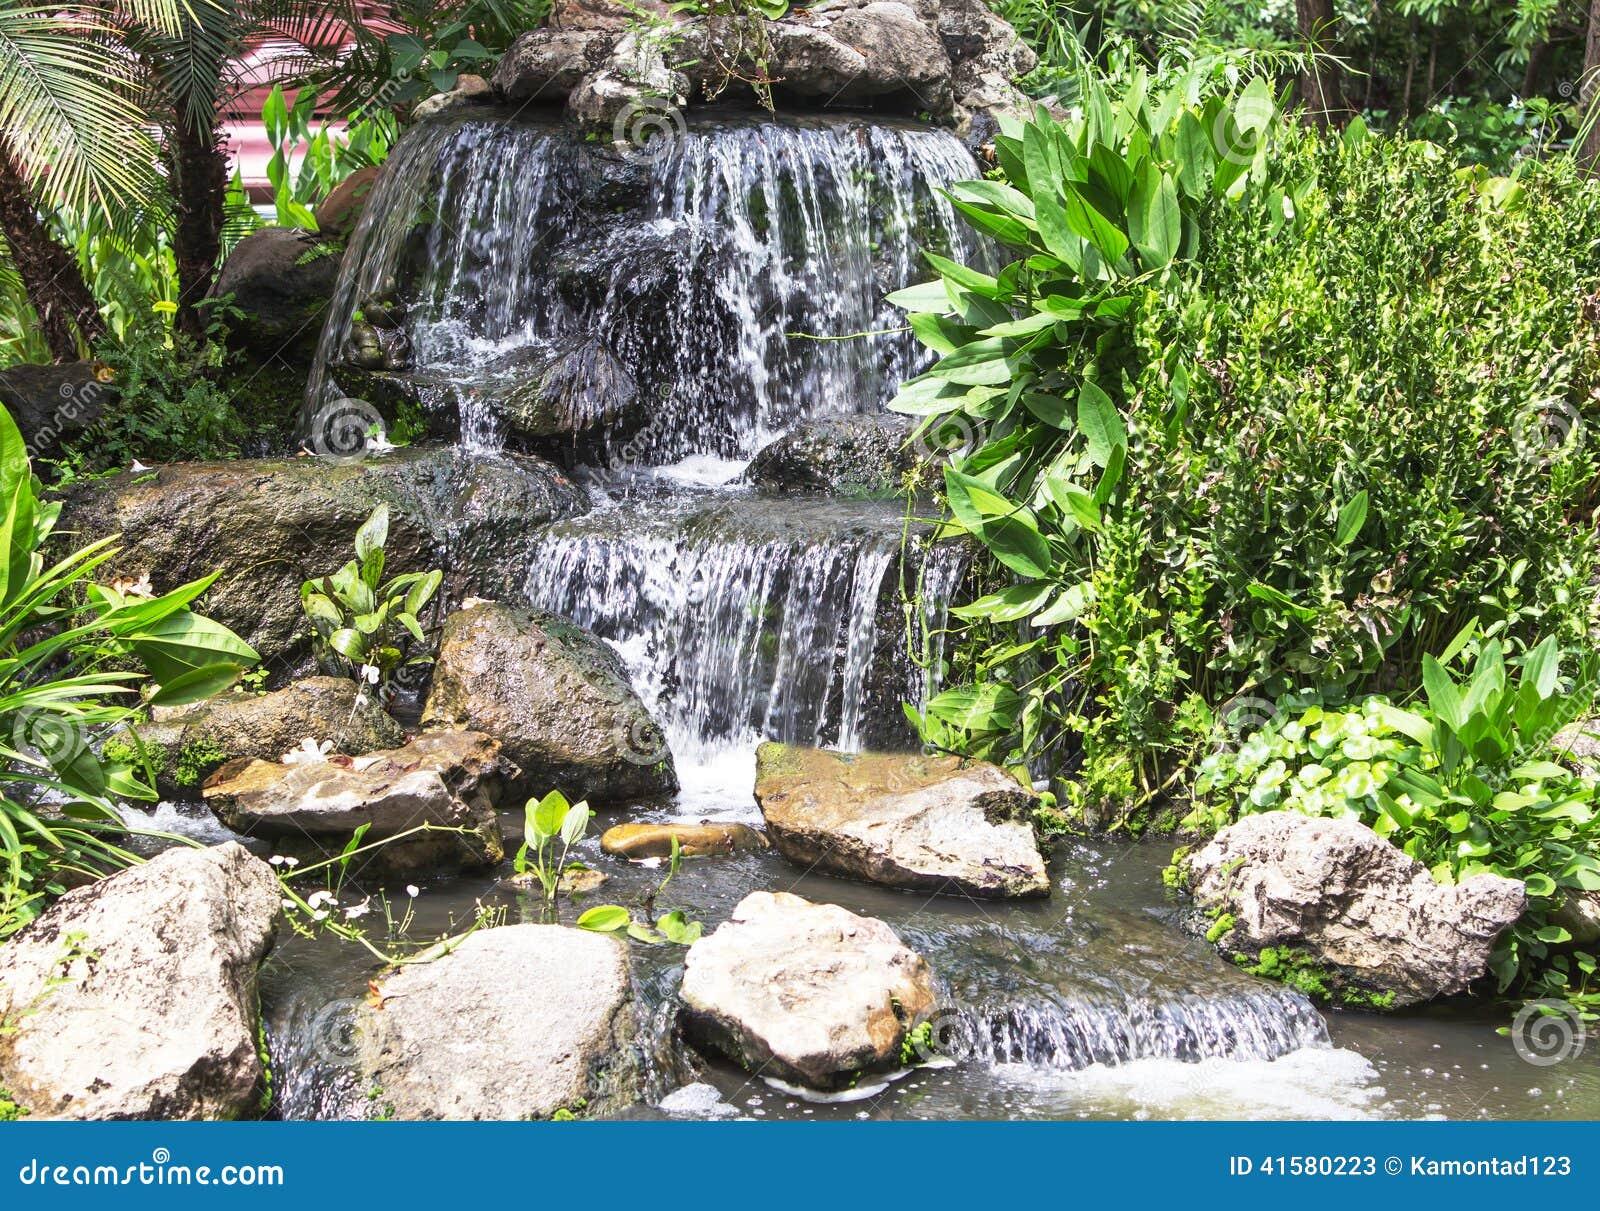 am nagement une cascade et un tang en pierre photo stock image 41580223. Black Bedroom Furniture Sets. Home Design Ideas